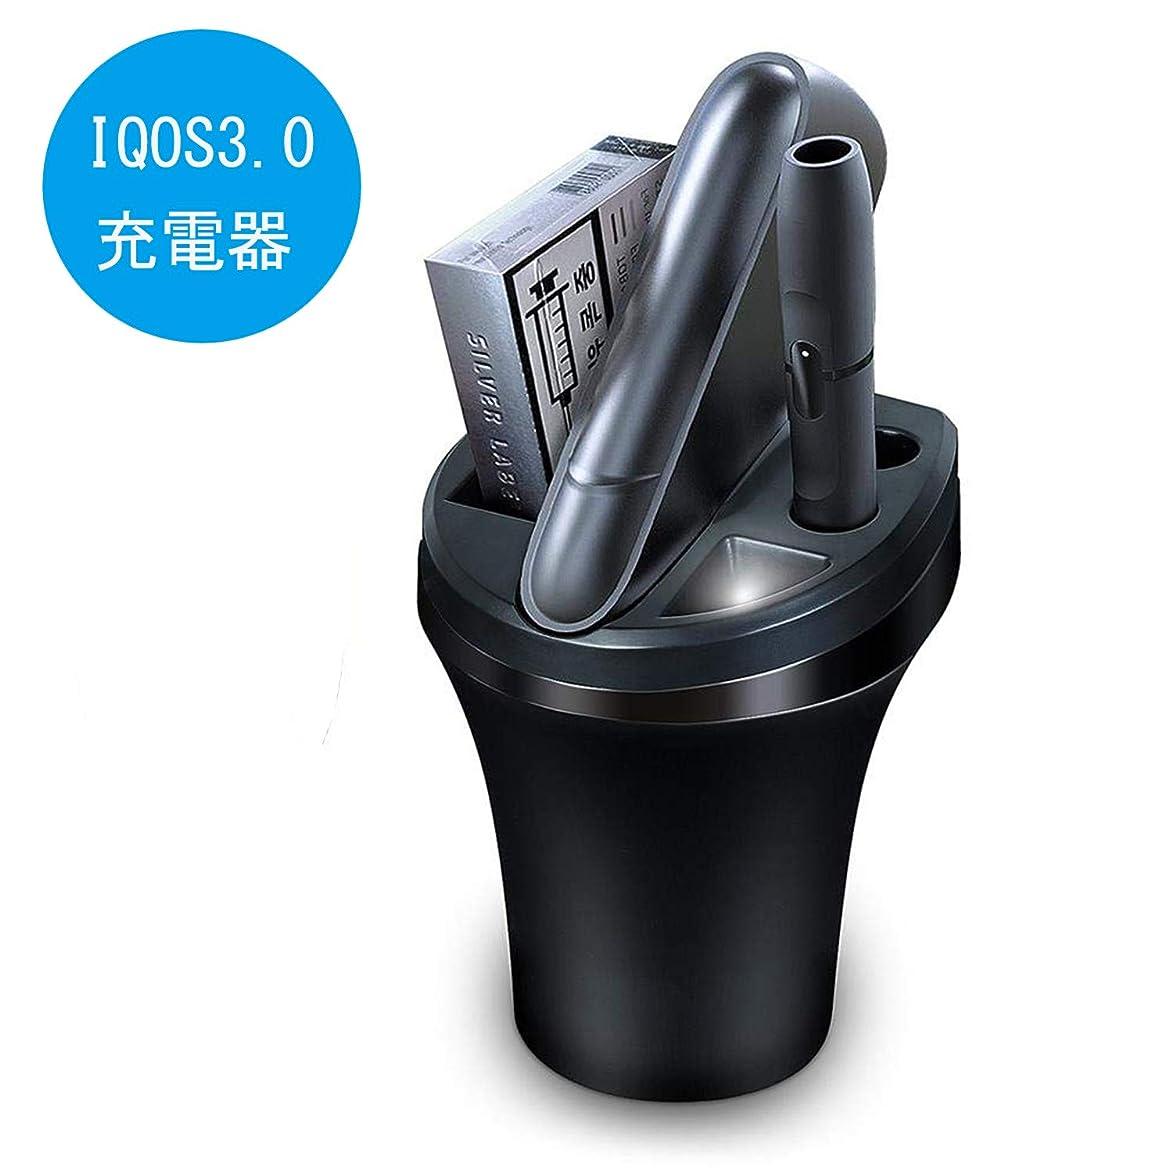 炭素拳弁護士iQOS3.0 充電器 AONSO アイコス3充電器 車載充電器 灰皿機能付き マルチ機能 ケーブル付 車 タンブラー型 アイコス 車 充電器 ドリンクホルダー 車 USB 充電スタンド 灰皿 カーチャージャー iqos チャージャー互換 充電 卓上 オフィス 車内用